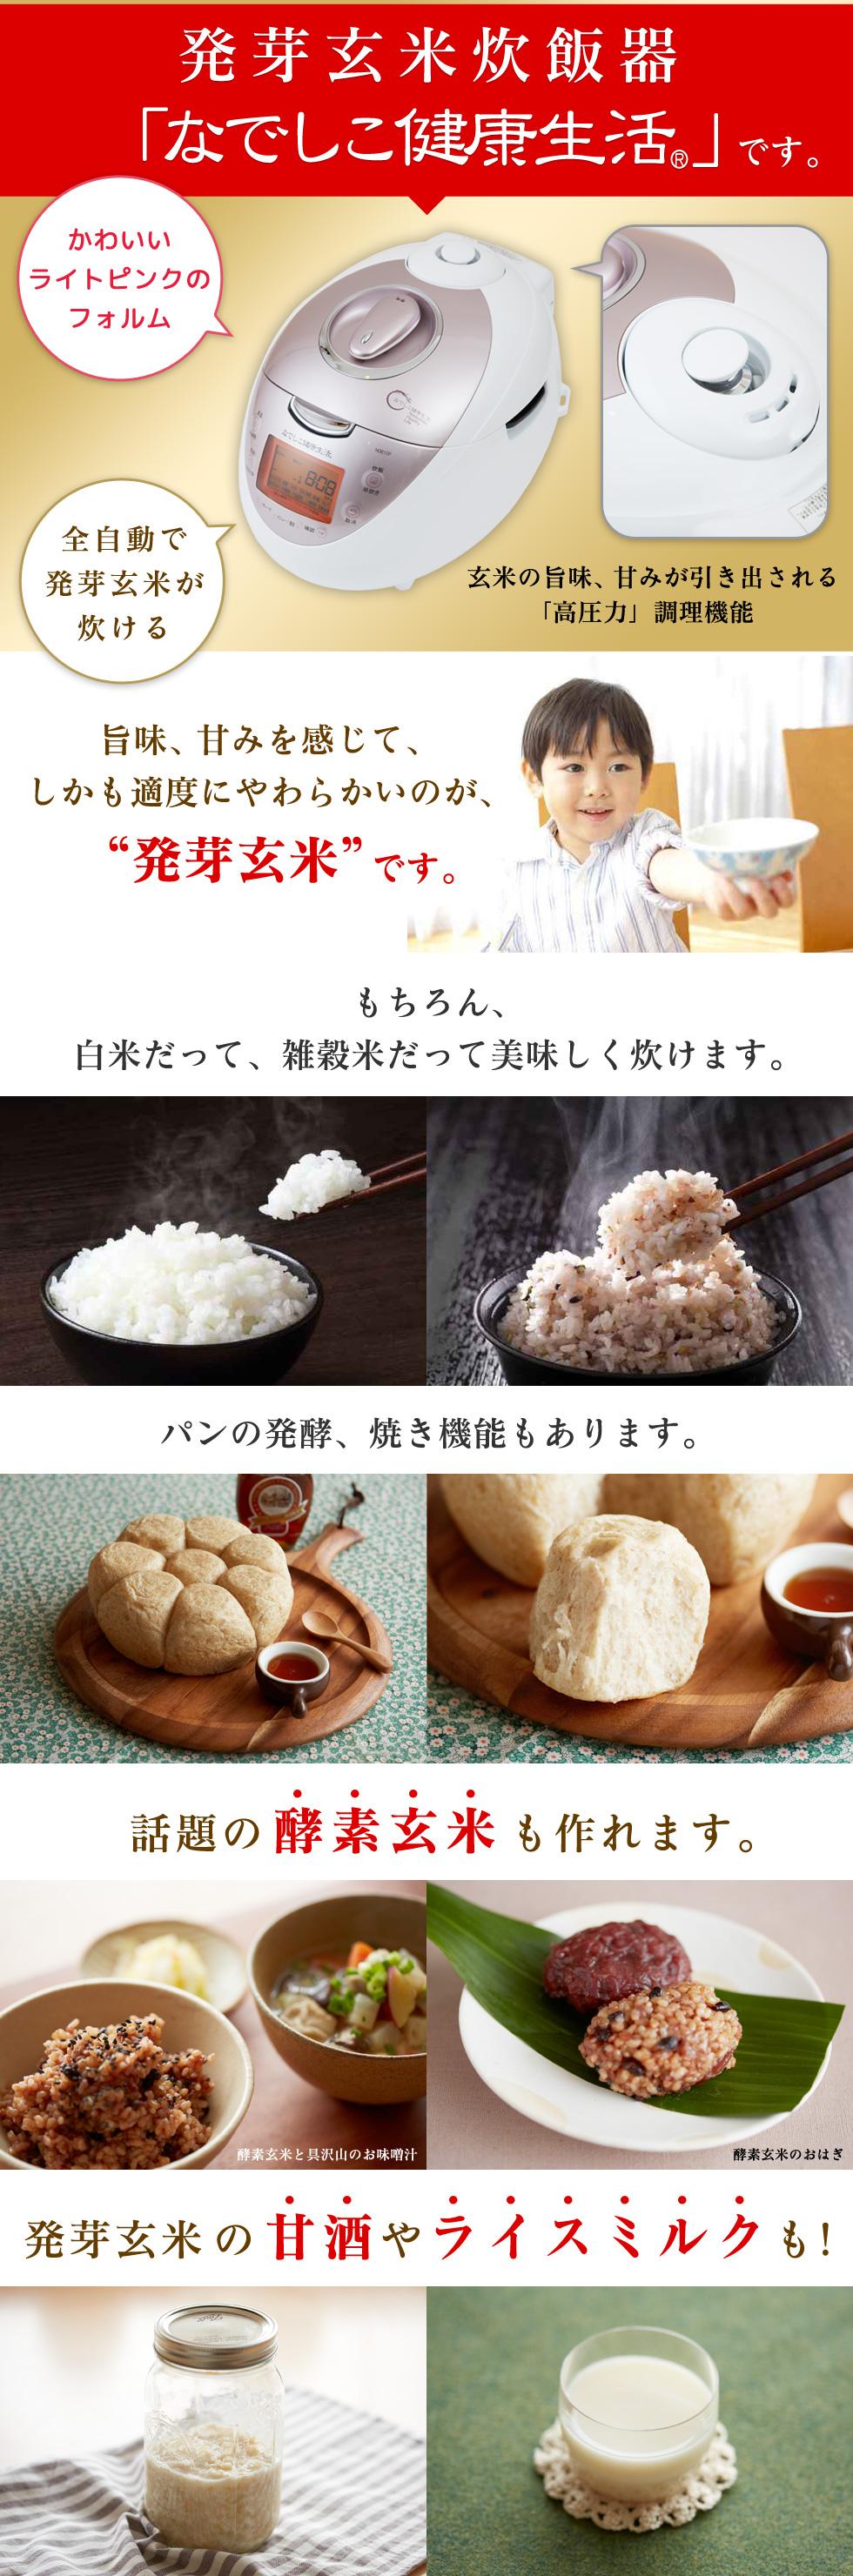 発芽玄米炊飯器『なでしこ健康生活』です。